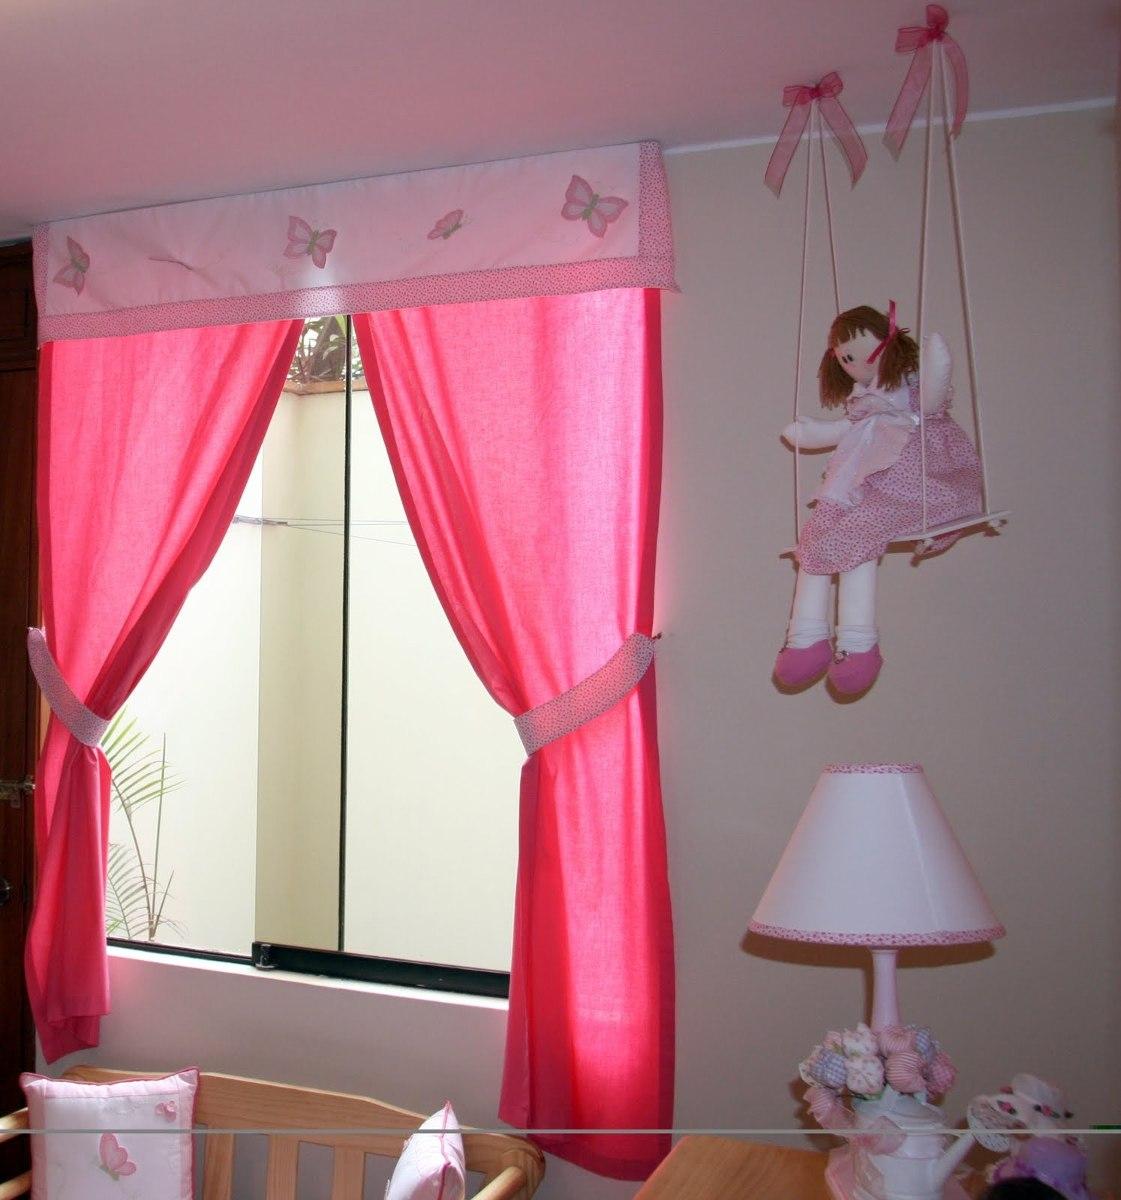 Cortinas para cuartos de ni as con aplicaciones de - Cortina para cuarto de bebe ...